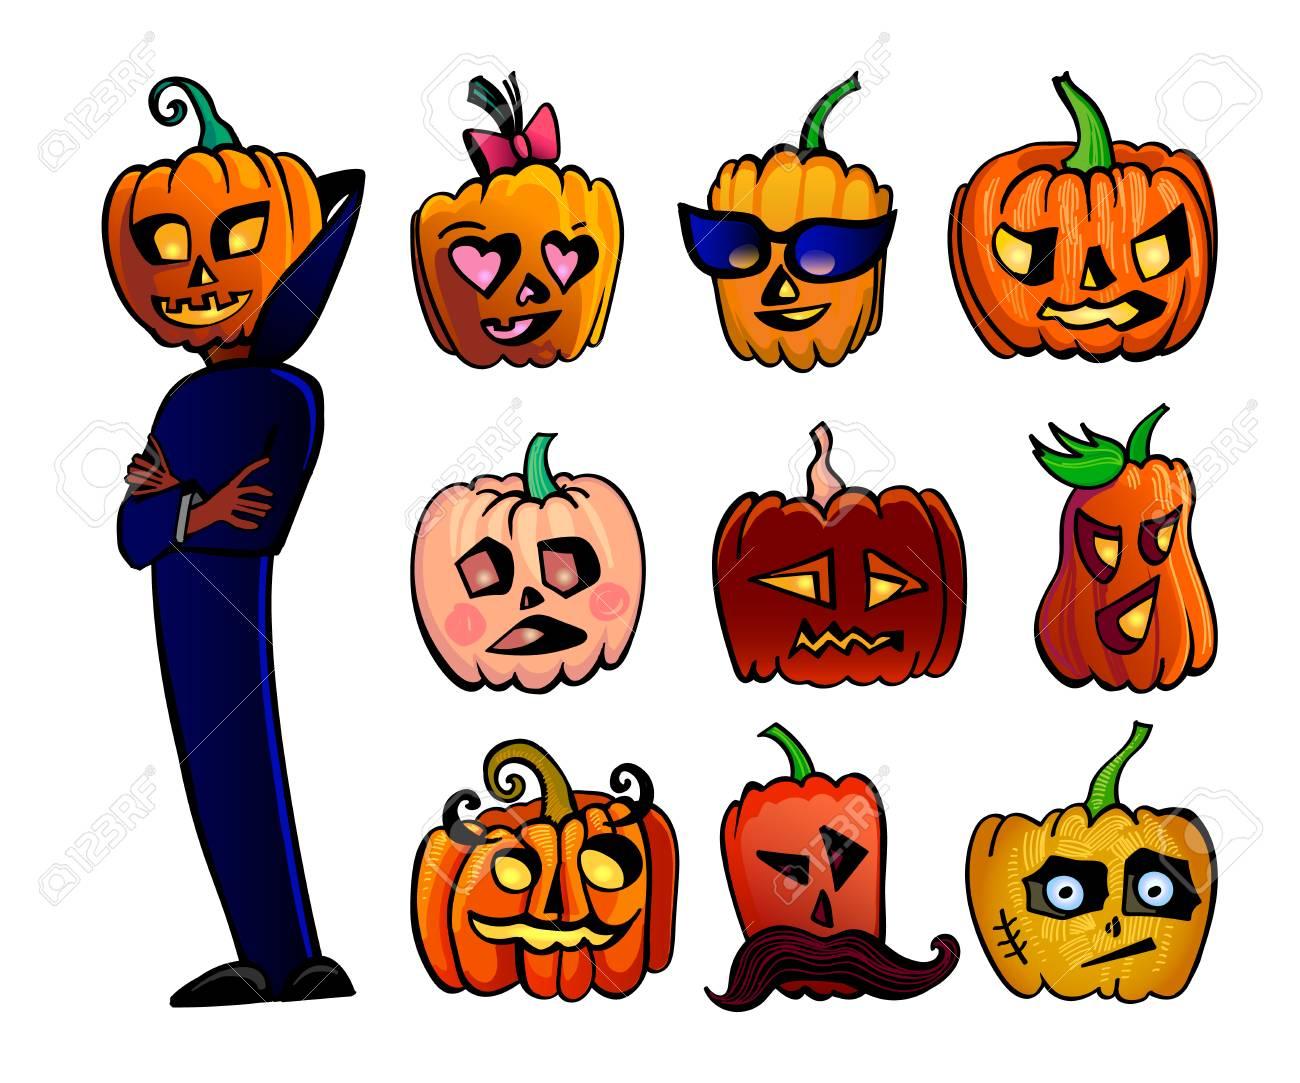 Halloween Ensemble De Citrouilles Dessin Animé Mignon Illustration Vectorielle Du Personnage De Halloween En Cape Bleu Foncé Et 9 Différentes Têtes